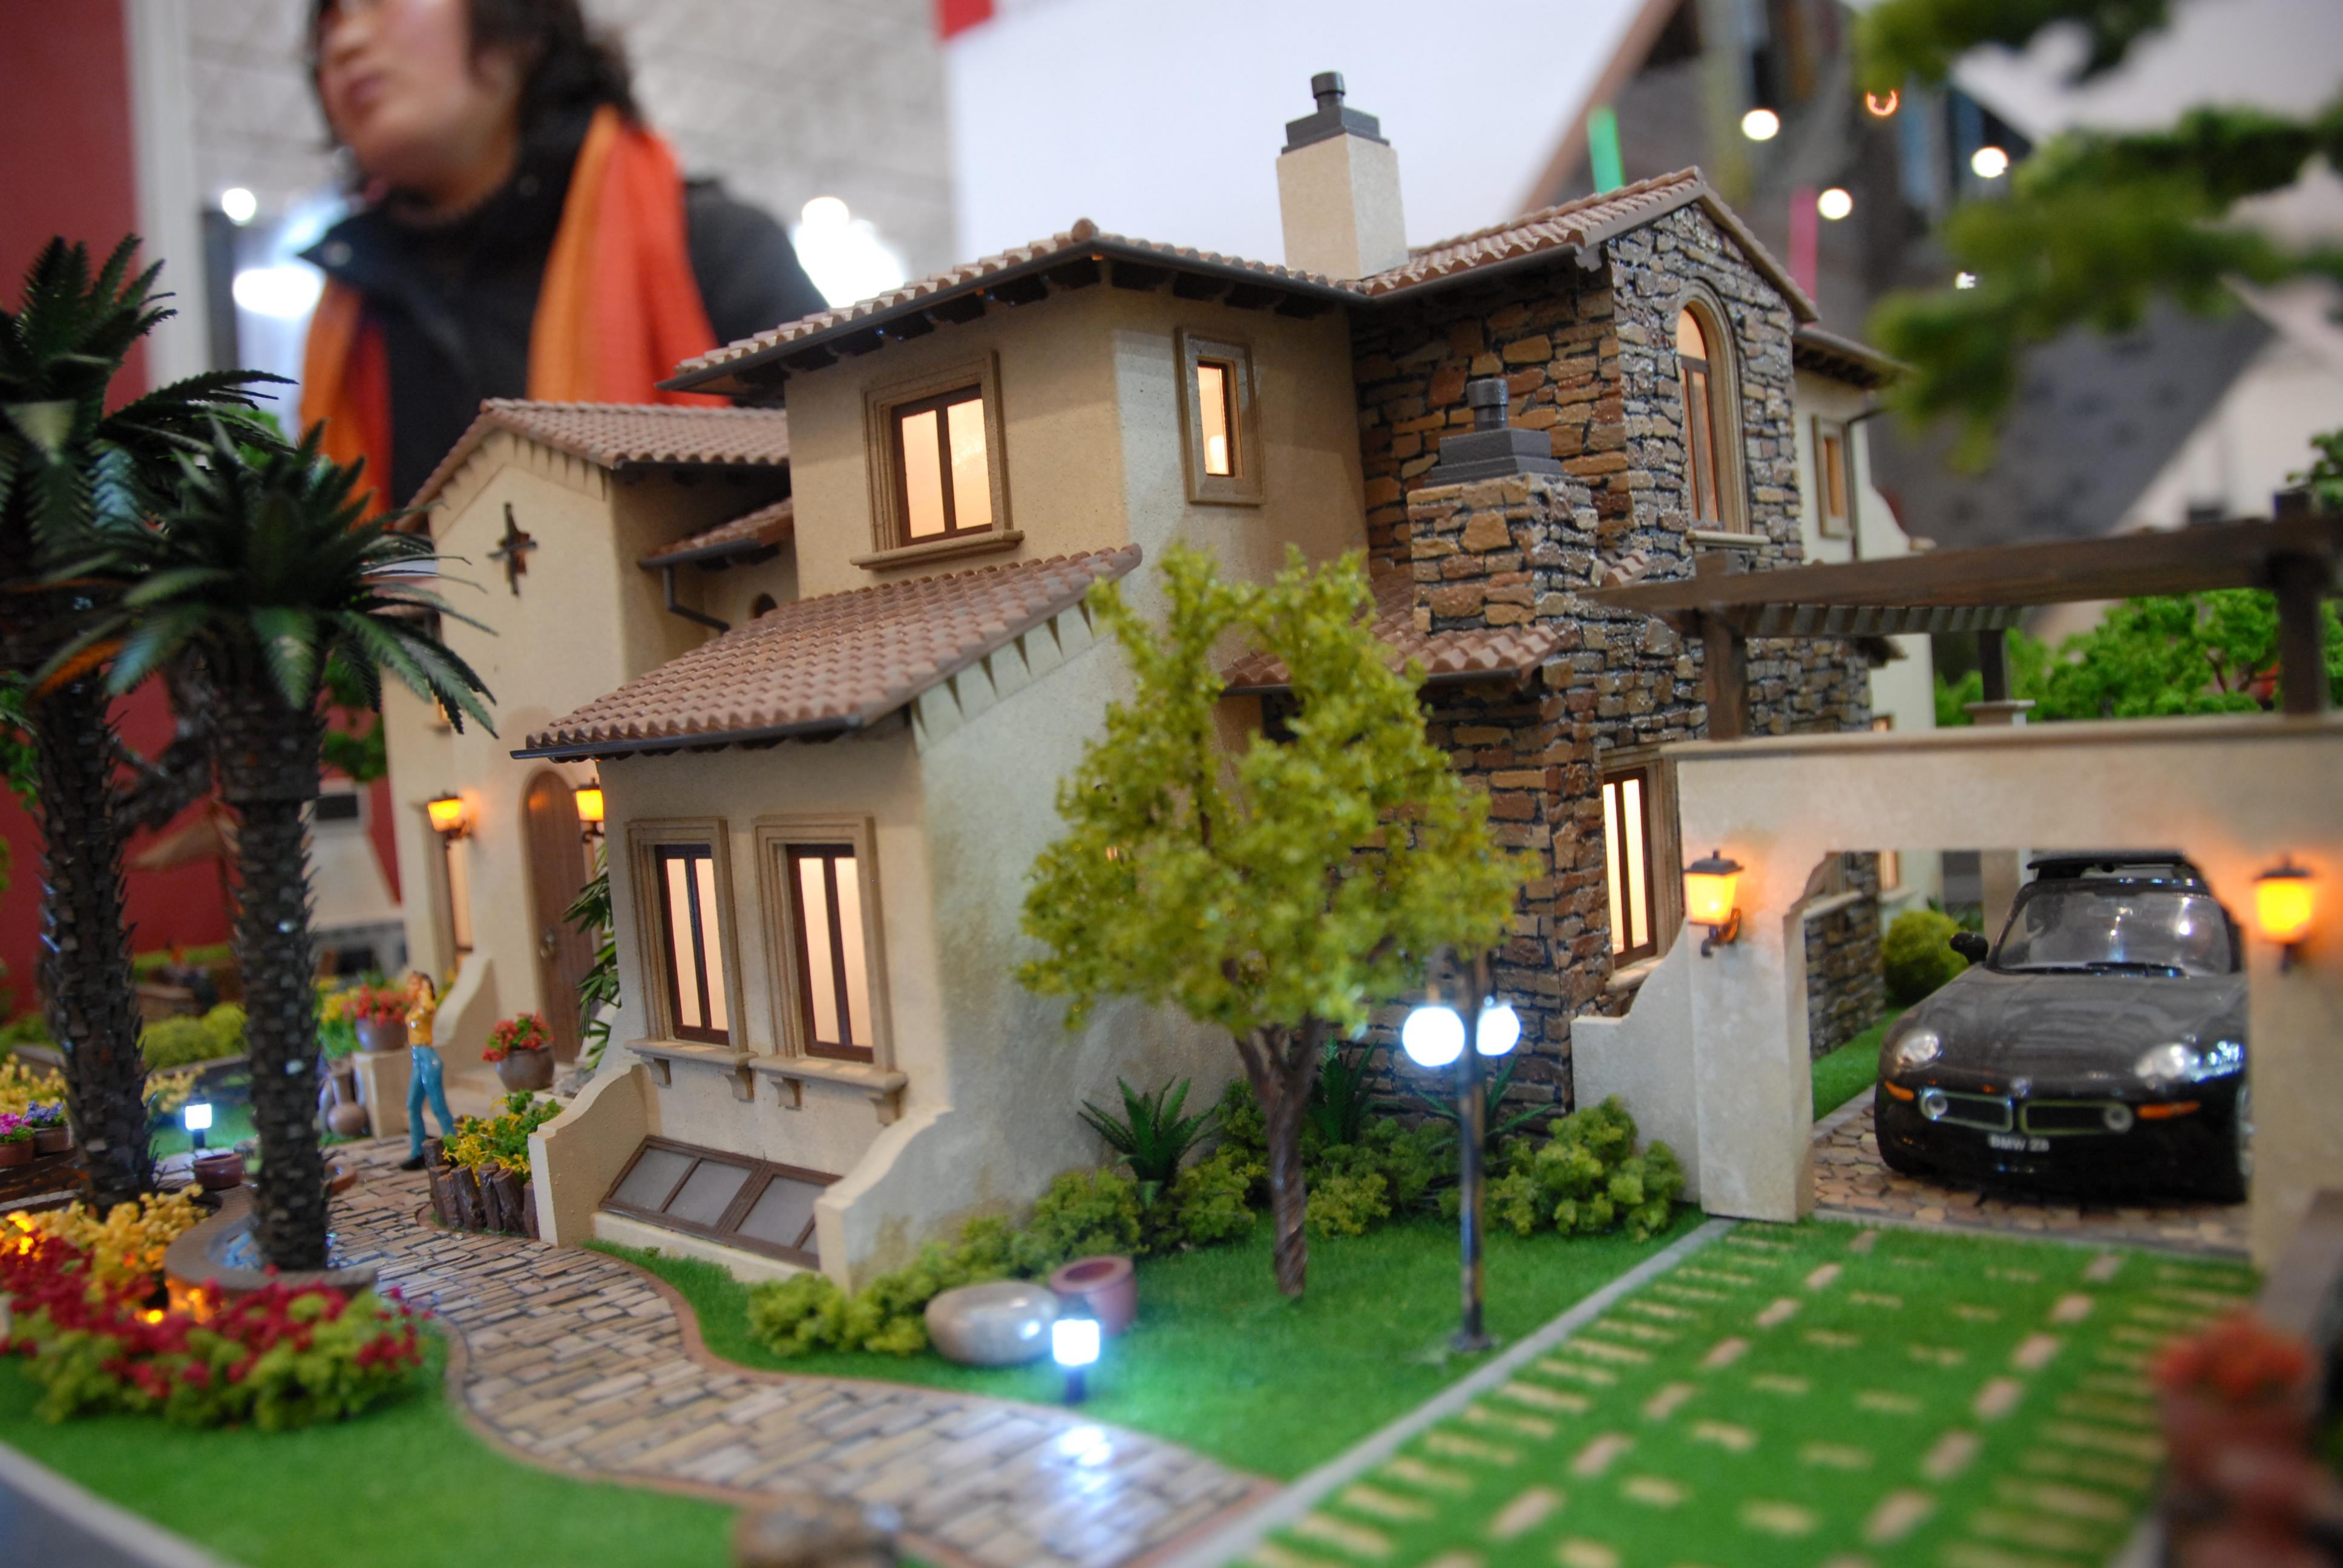 新兴建筑沙盘模型艺术公司  新兴建筑沙盘模型